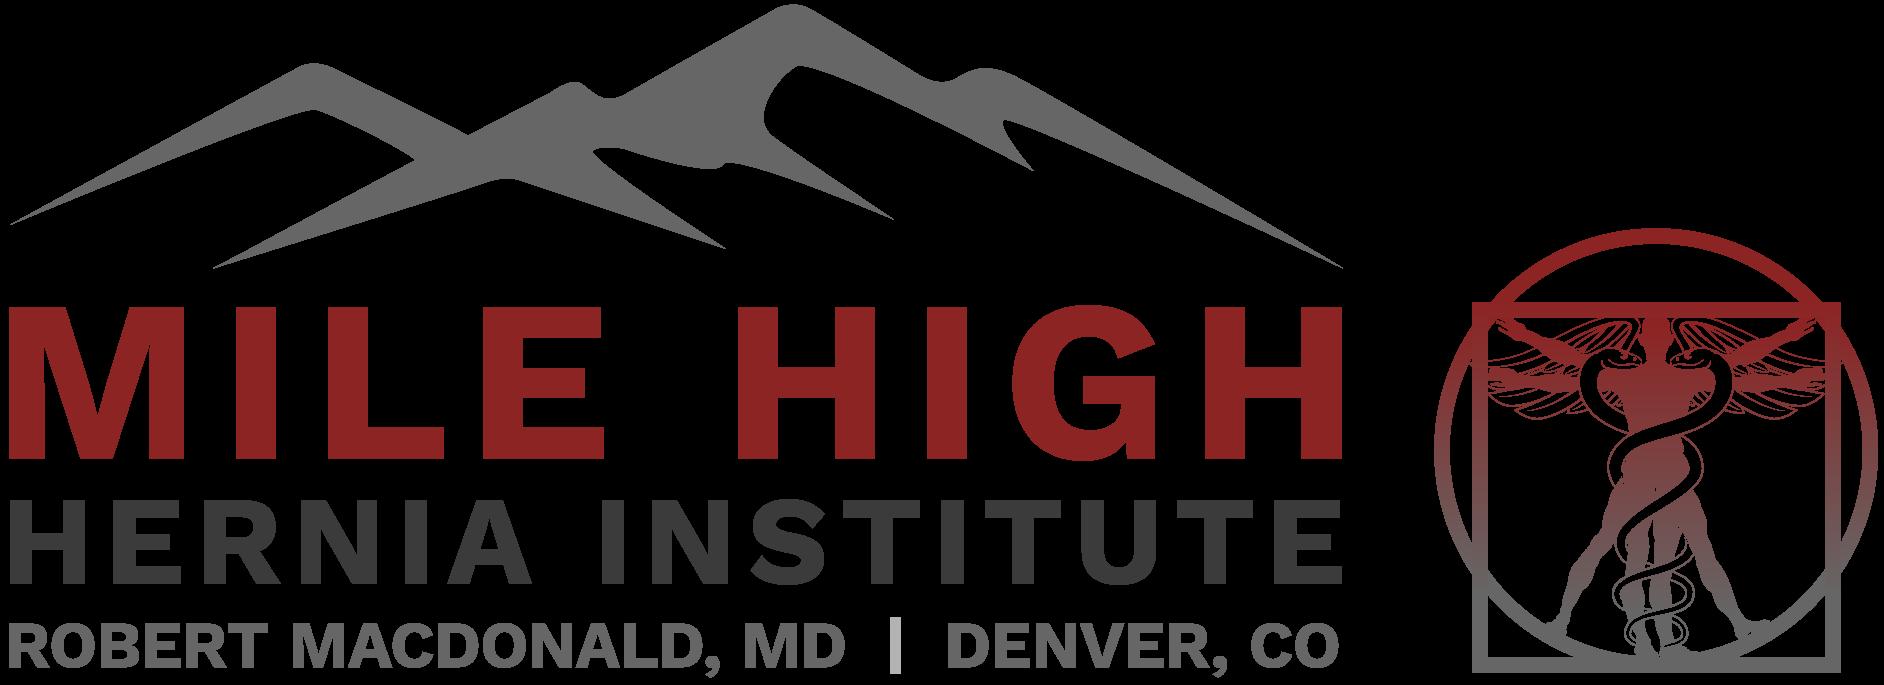 Mile High Hernia Institute Logo